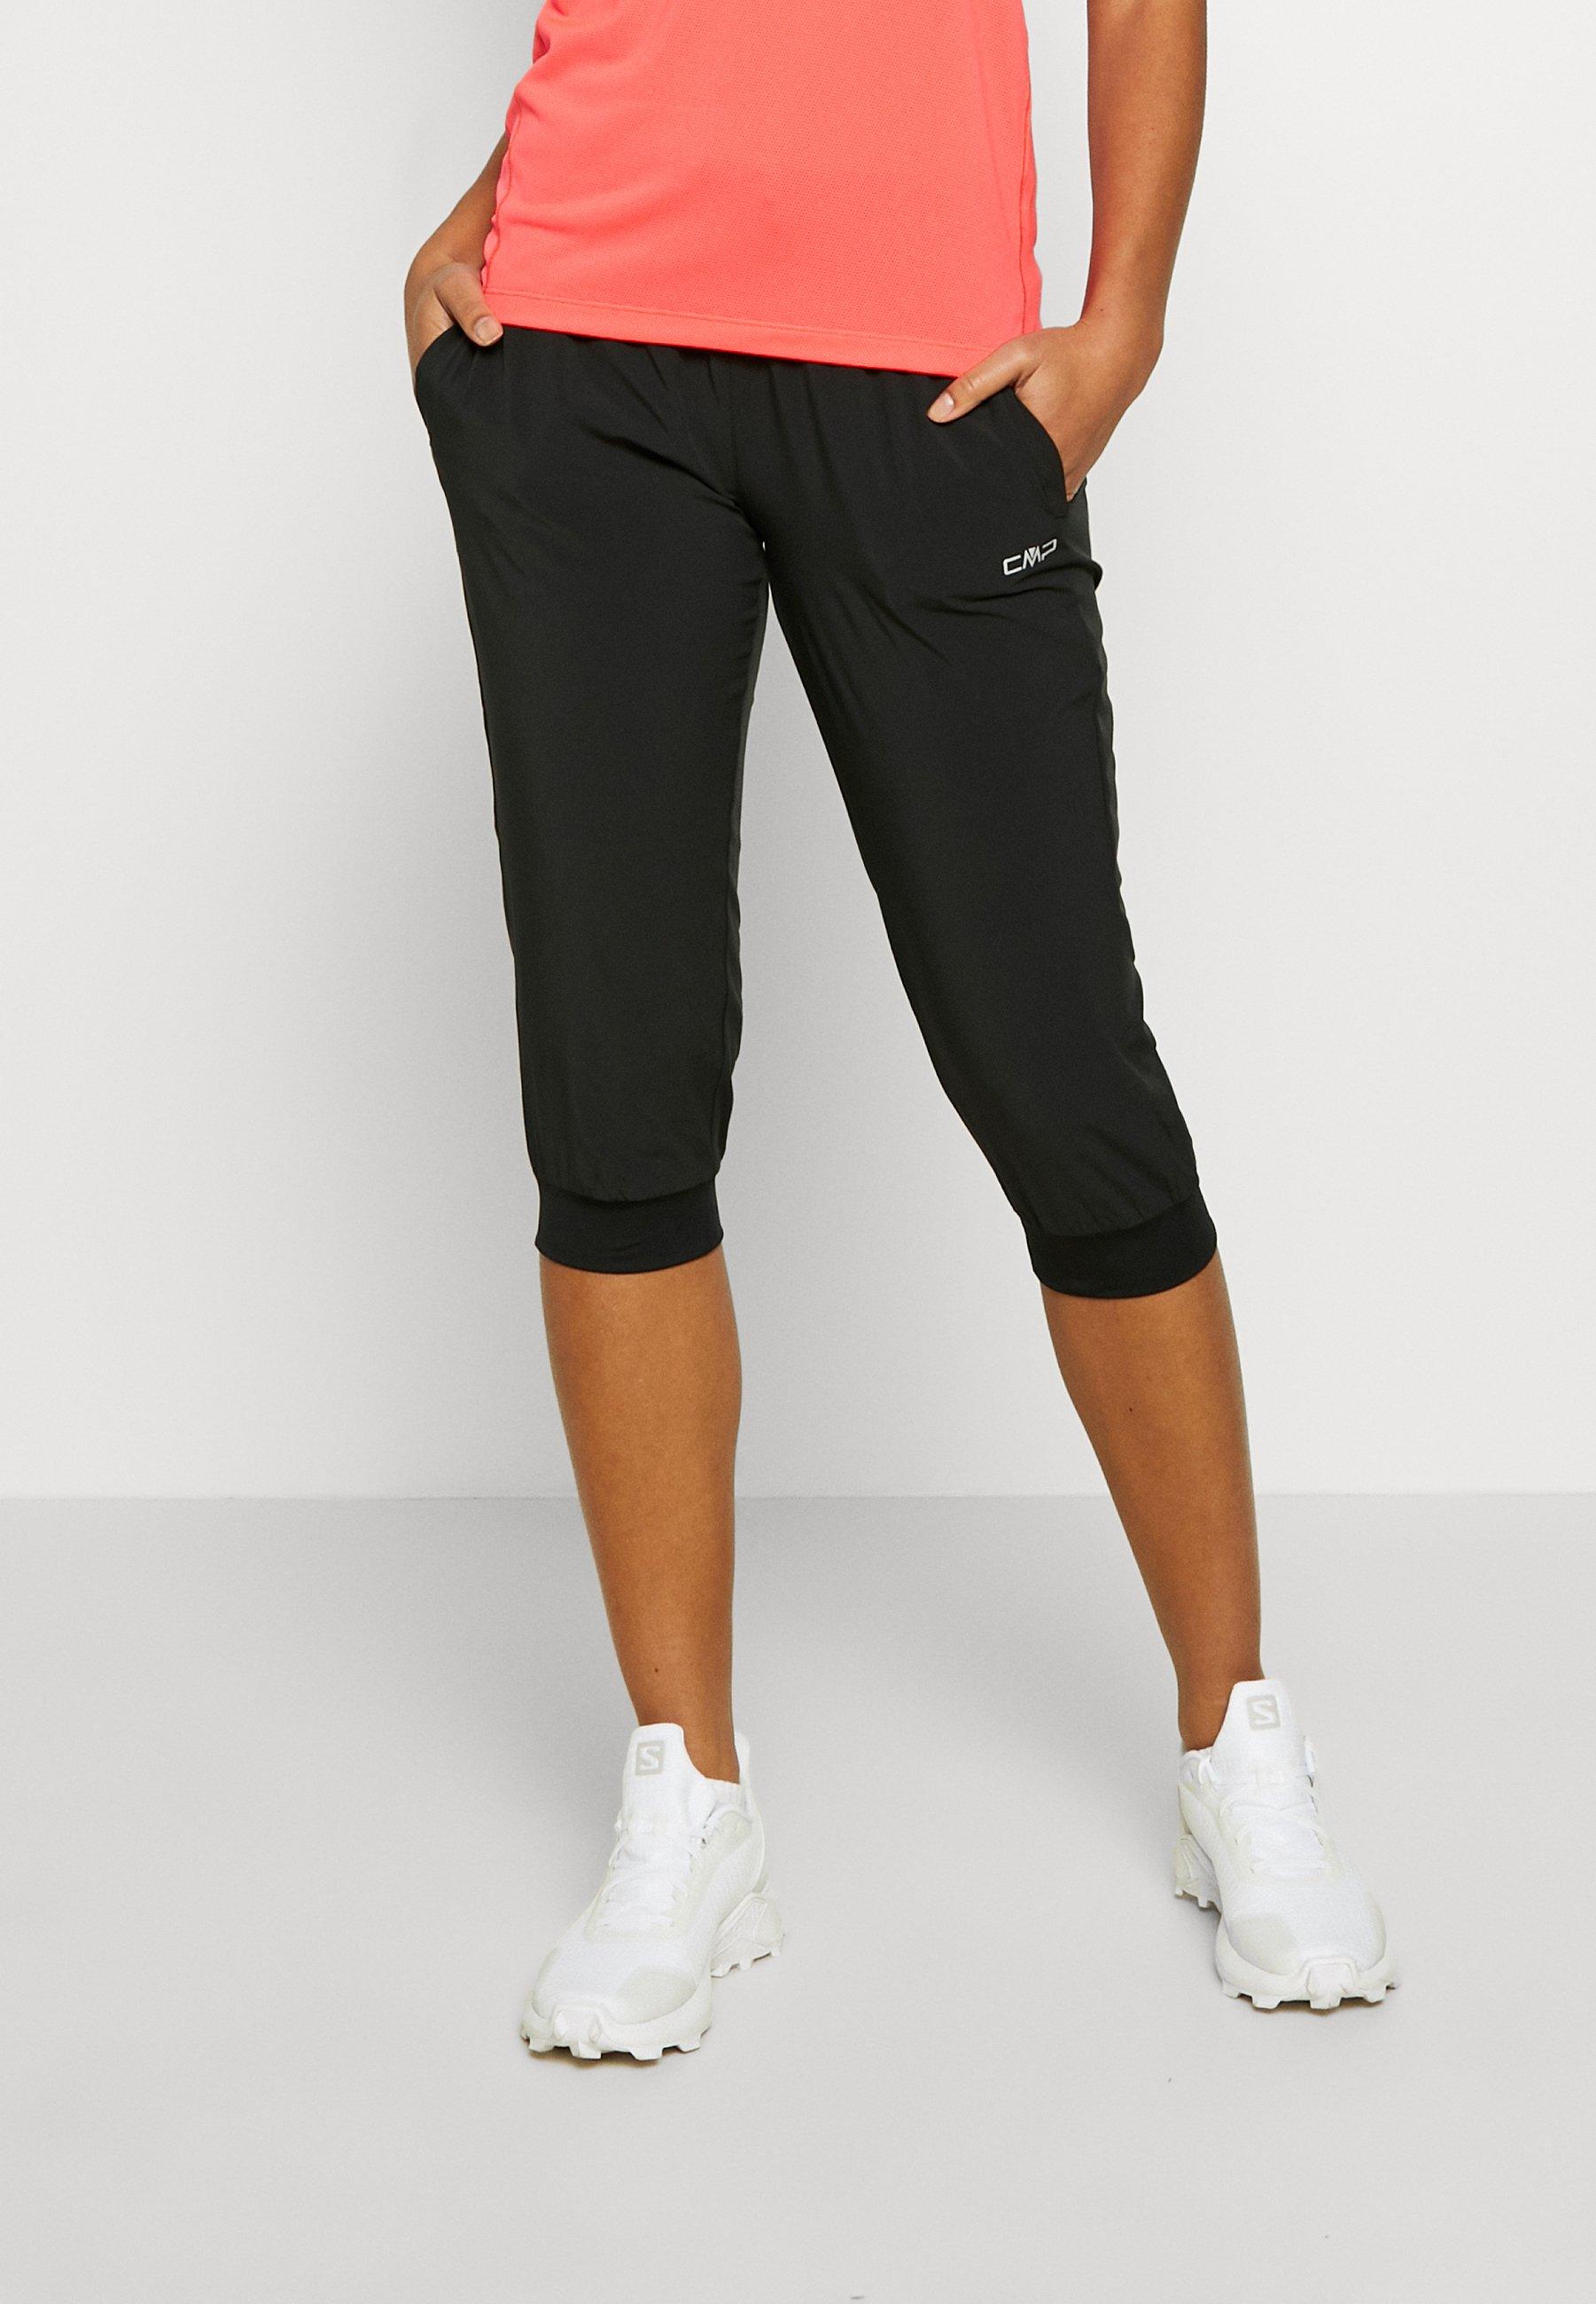 Damen WOMAN PANT 3/4 - 3/4 Sporthose